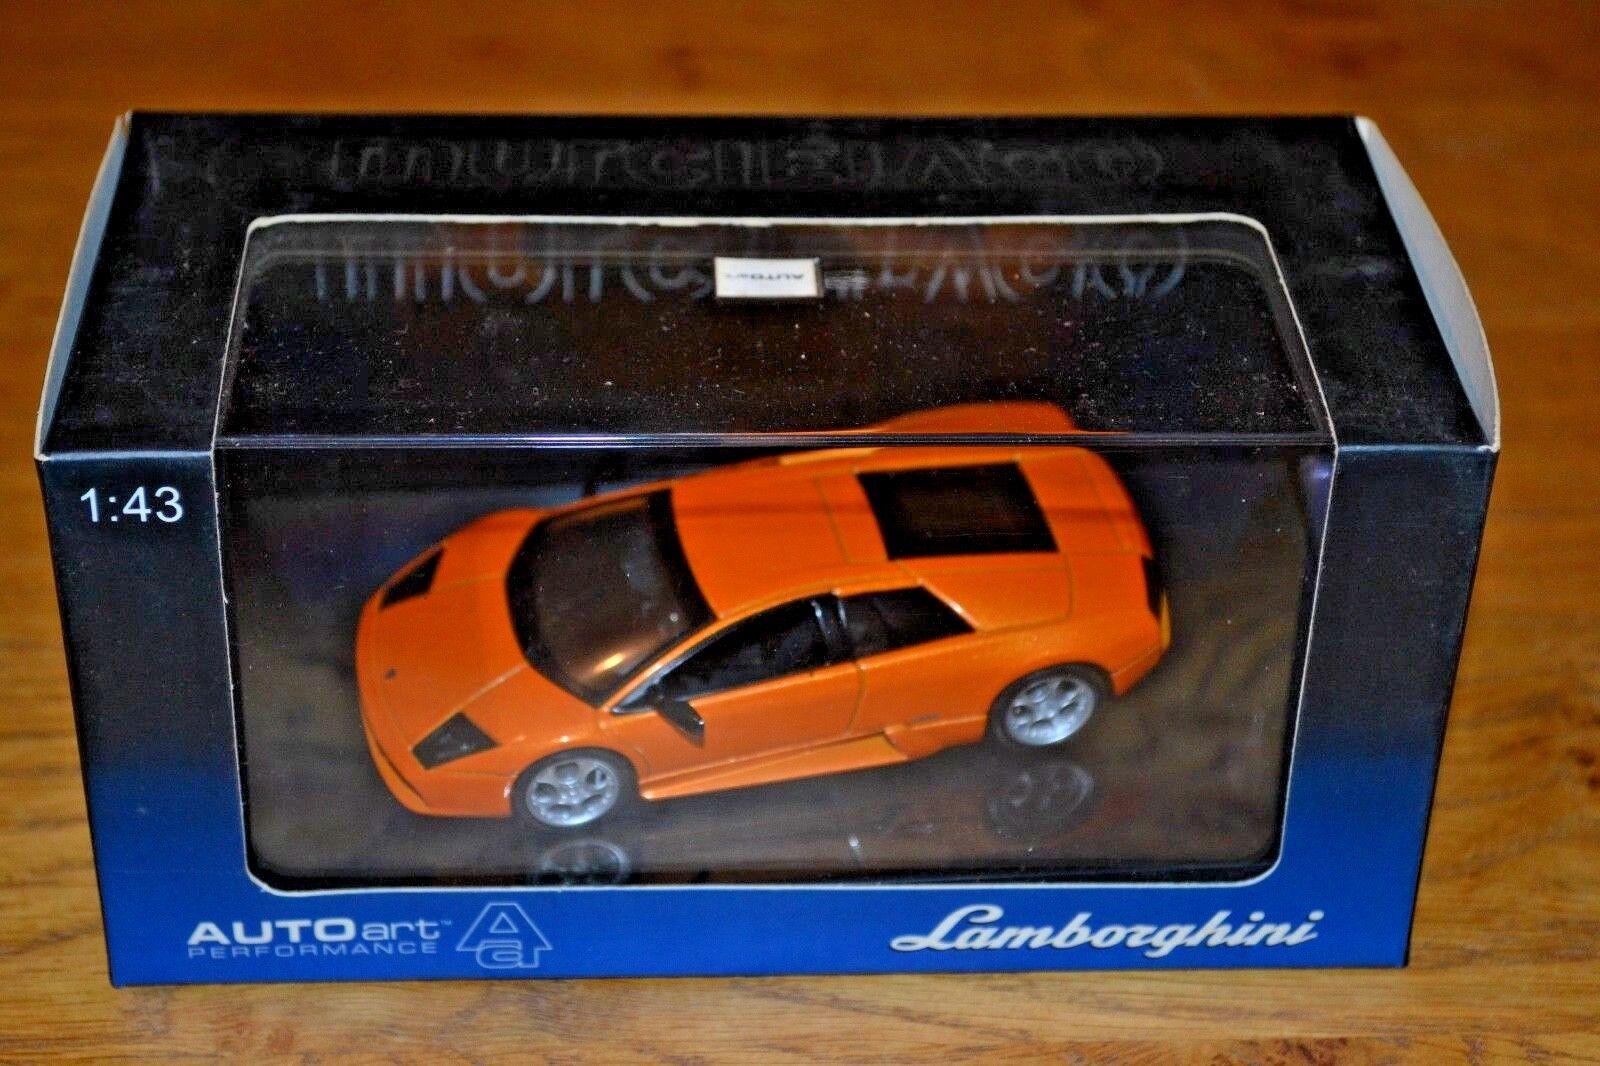 Autoart 1 43 Lamborghini Murcielago; Metallic orange;  Near Mint